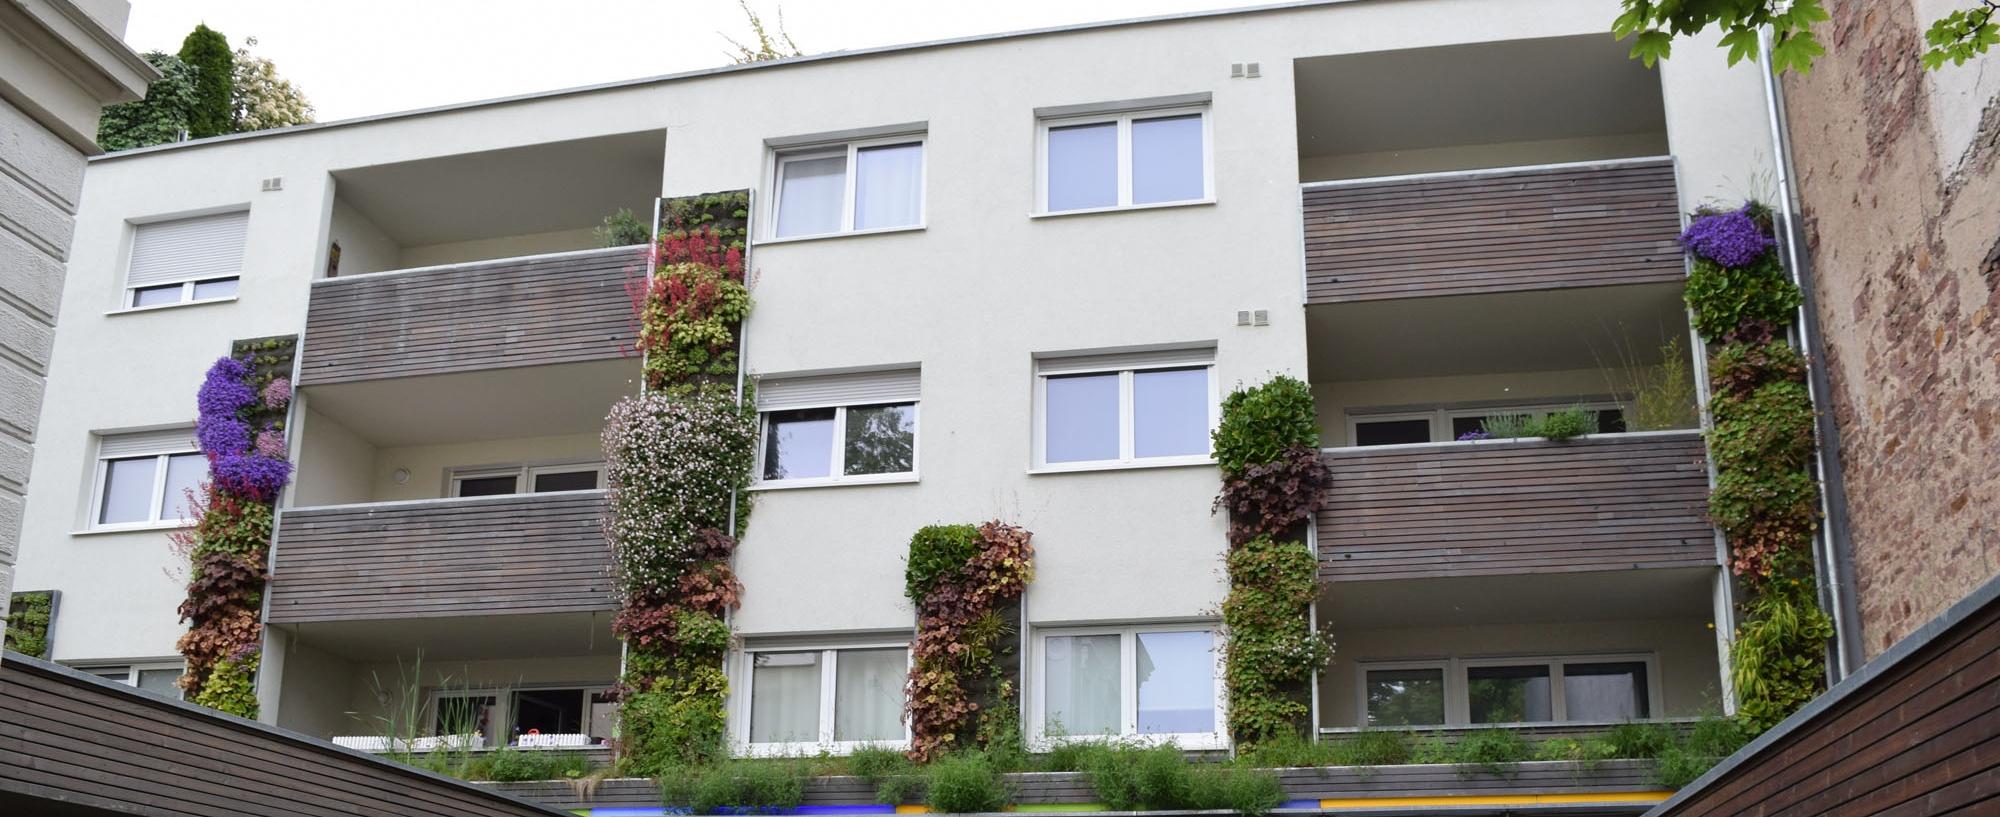 _begruenter Innenhof